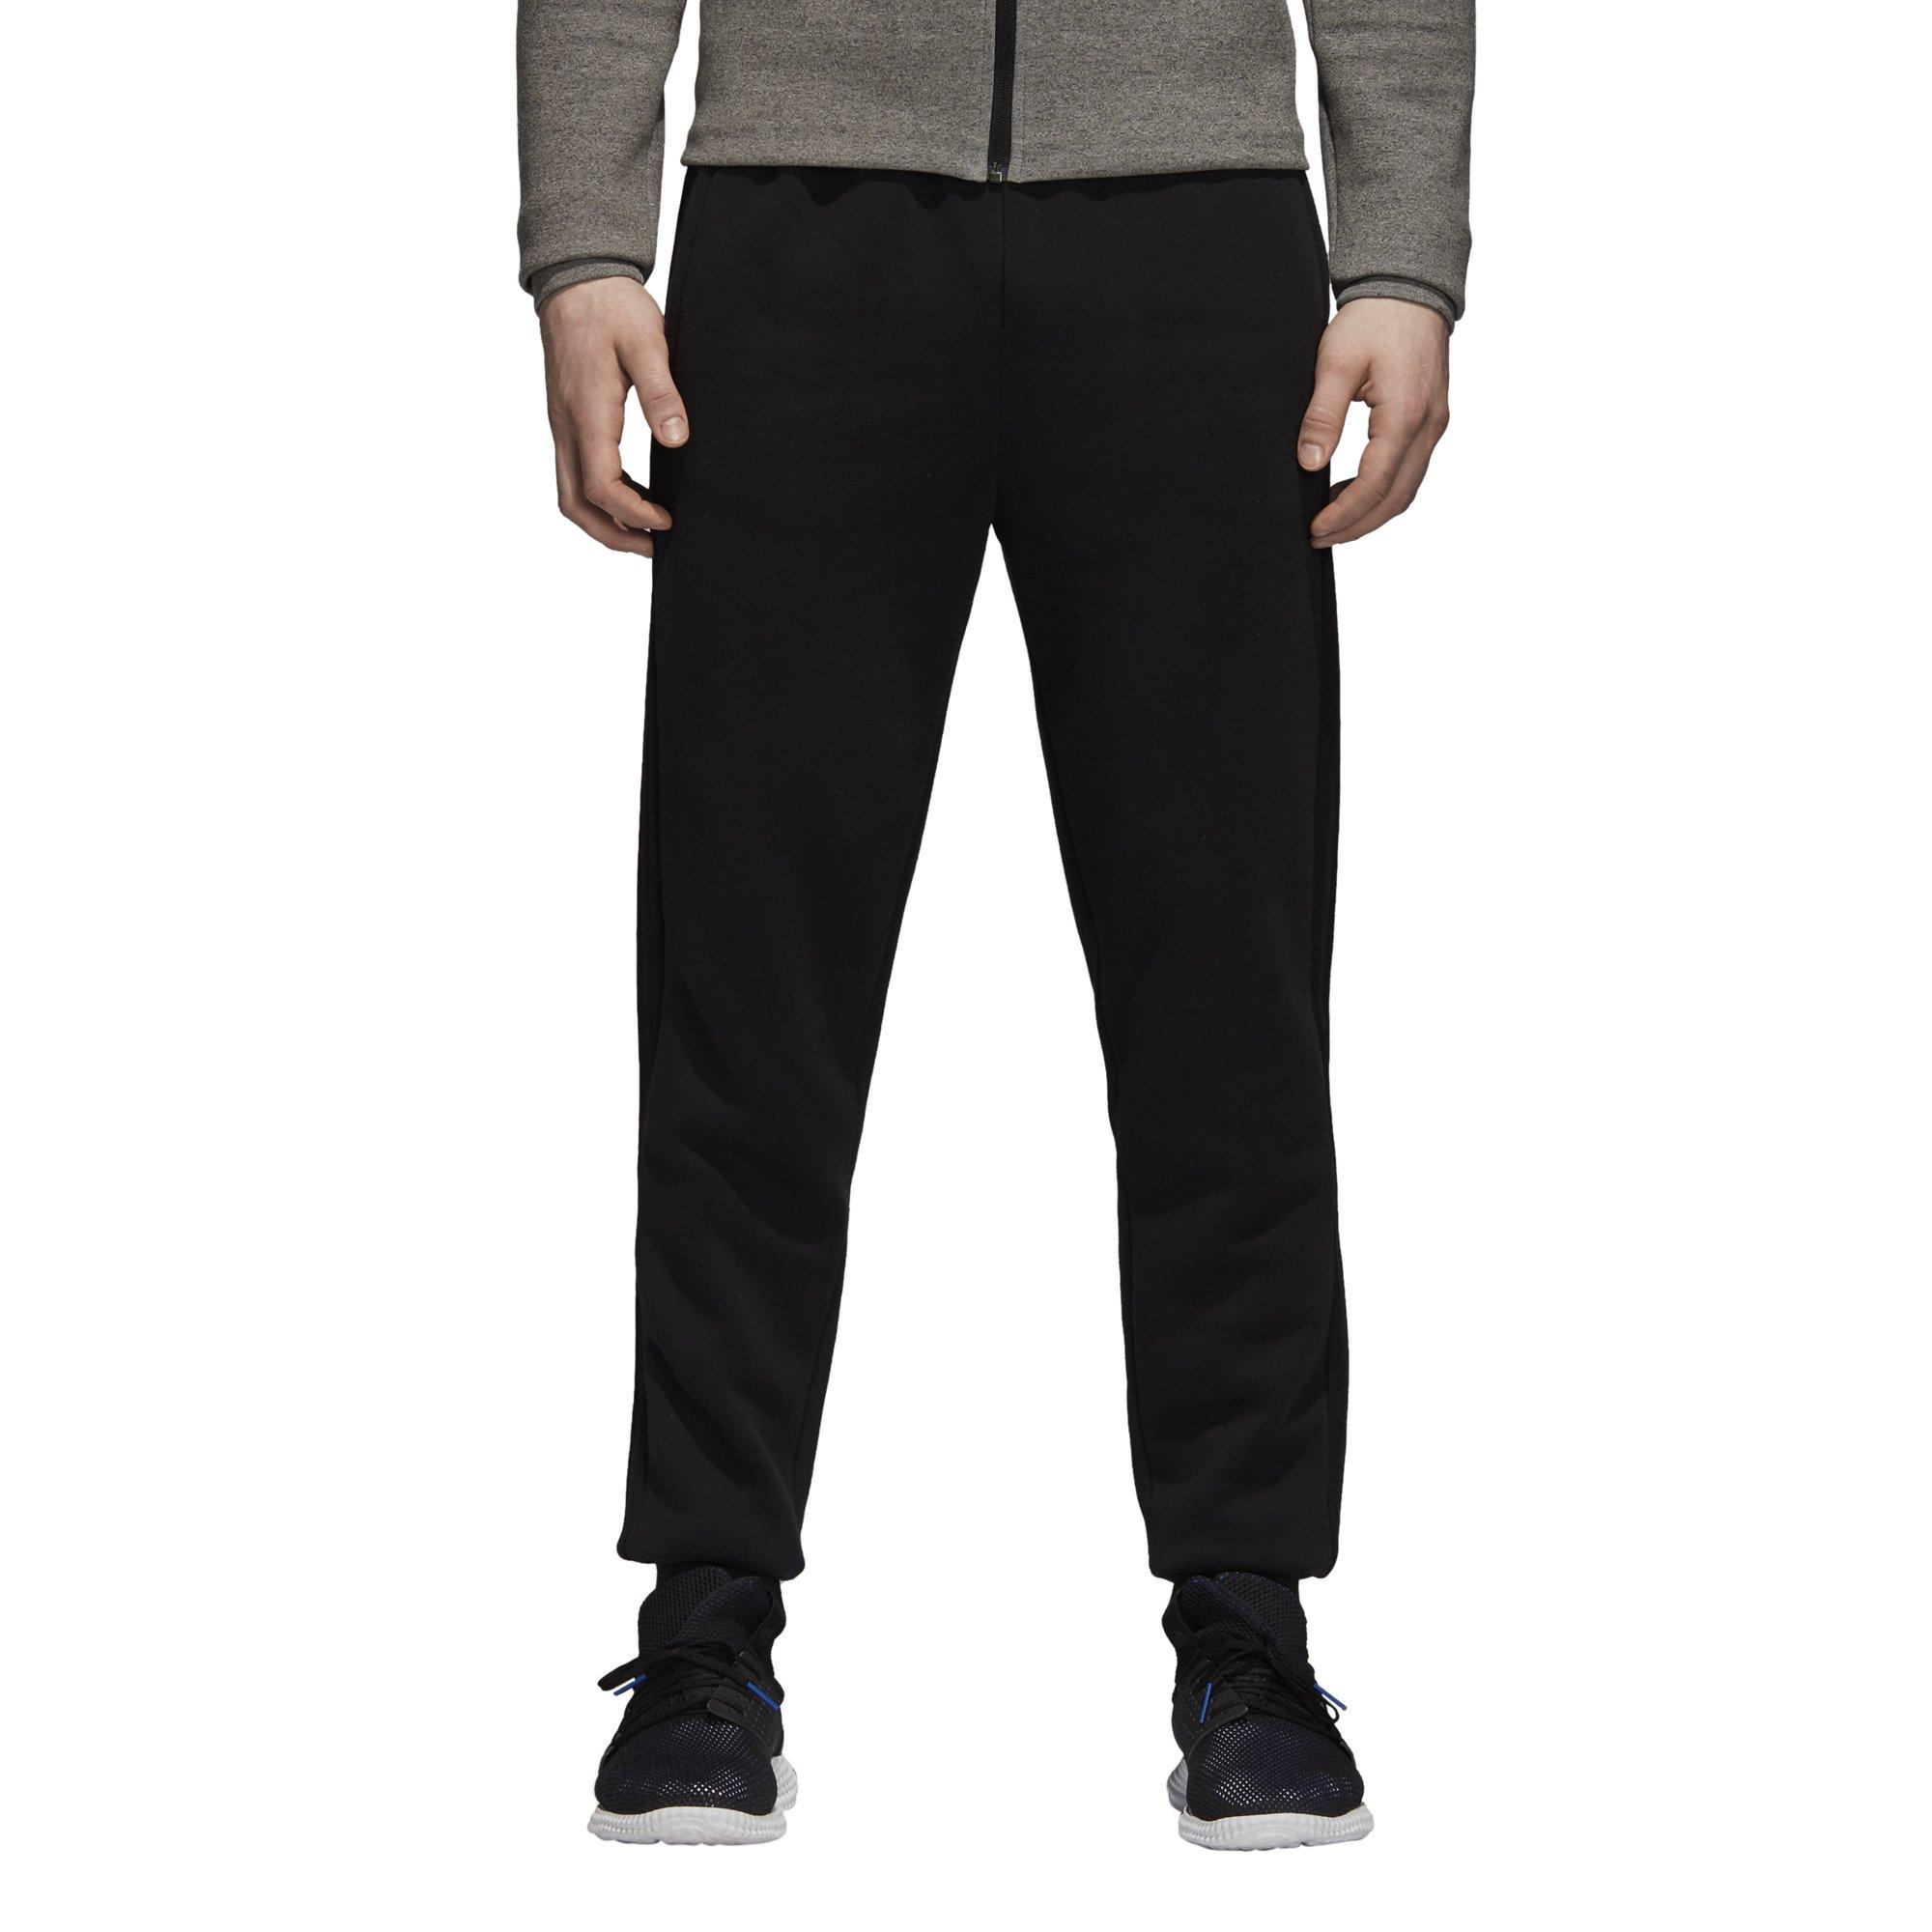 adidas Men's Essentials 3-Stripe Jogger Pants, Black, Small